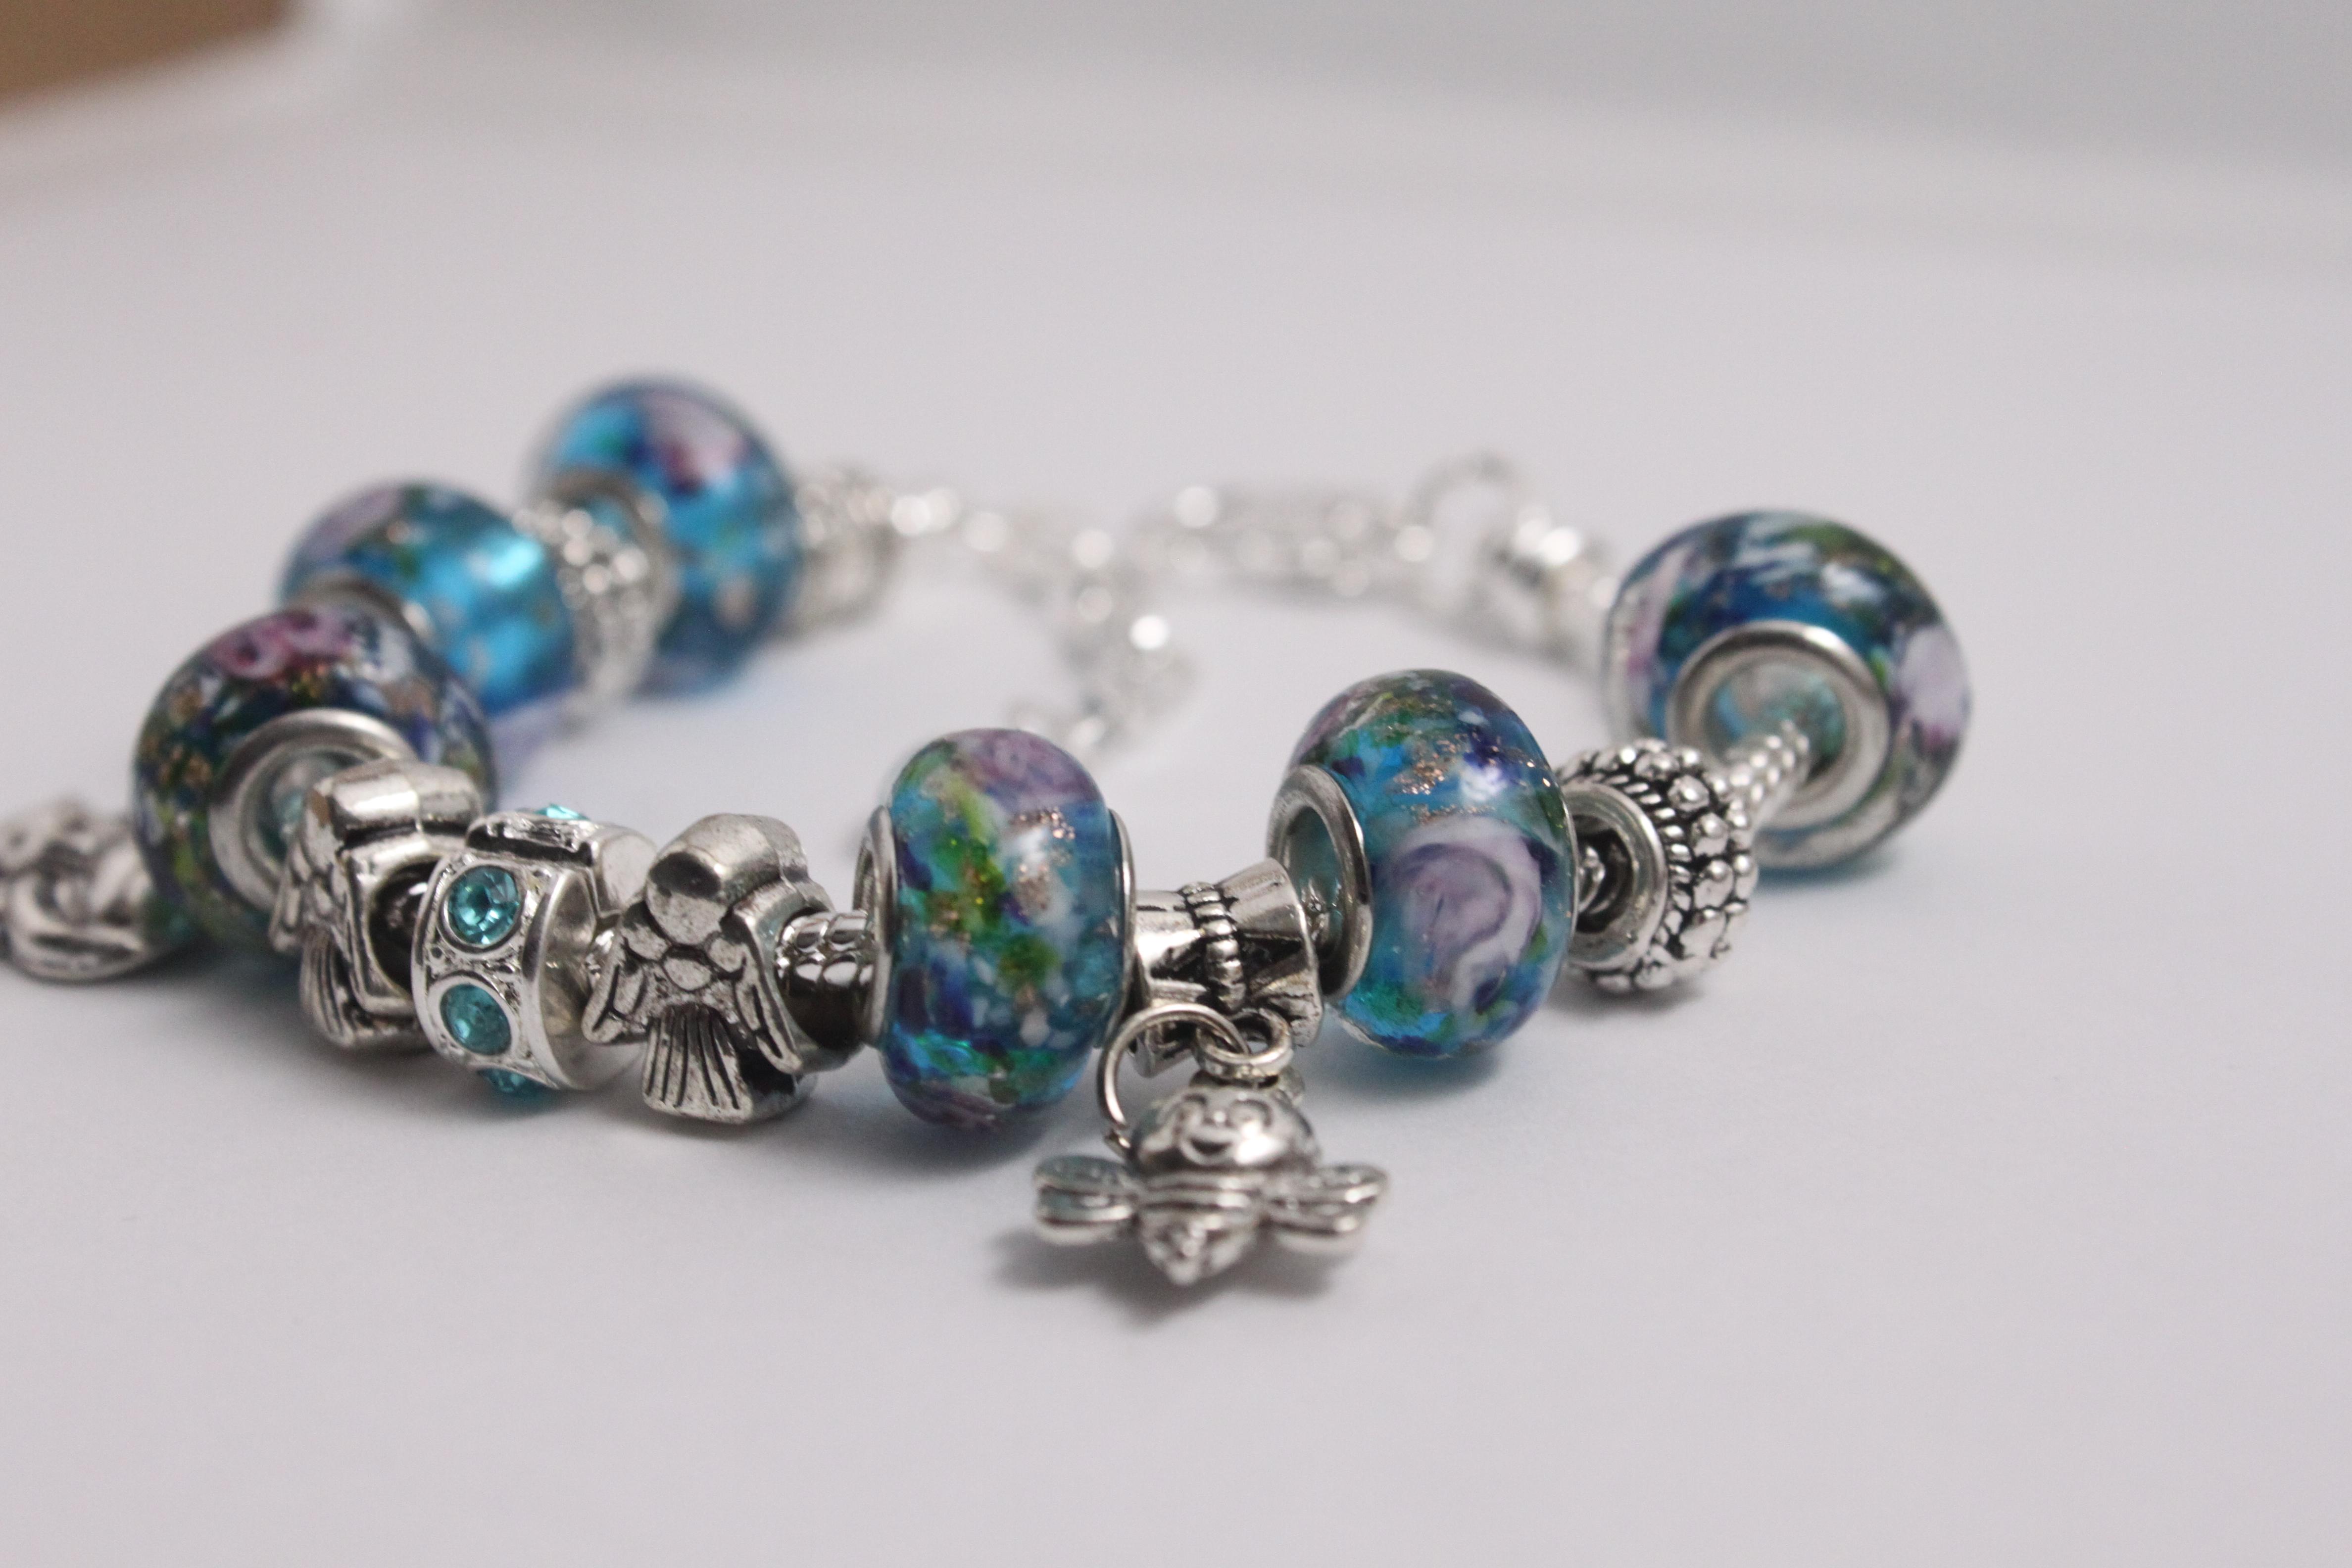 Double charm bracelet - various blue